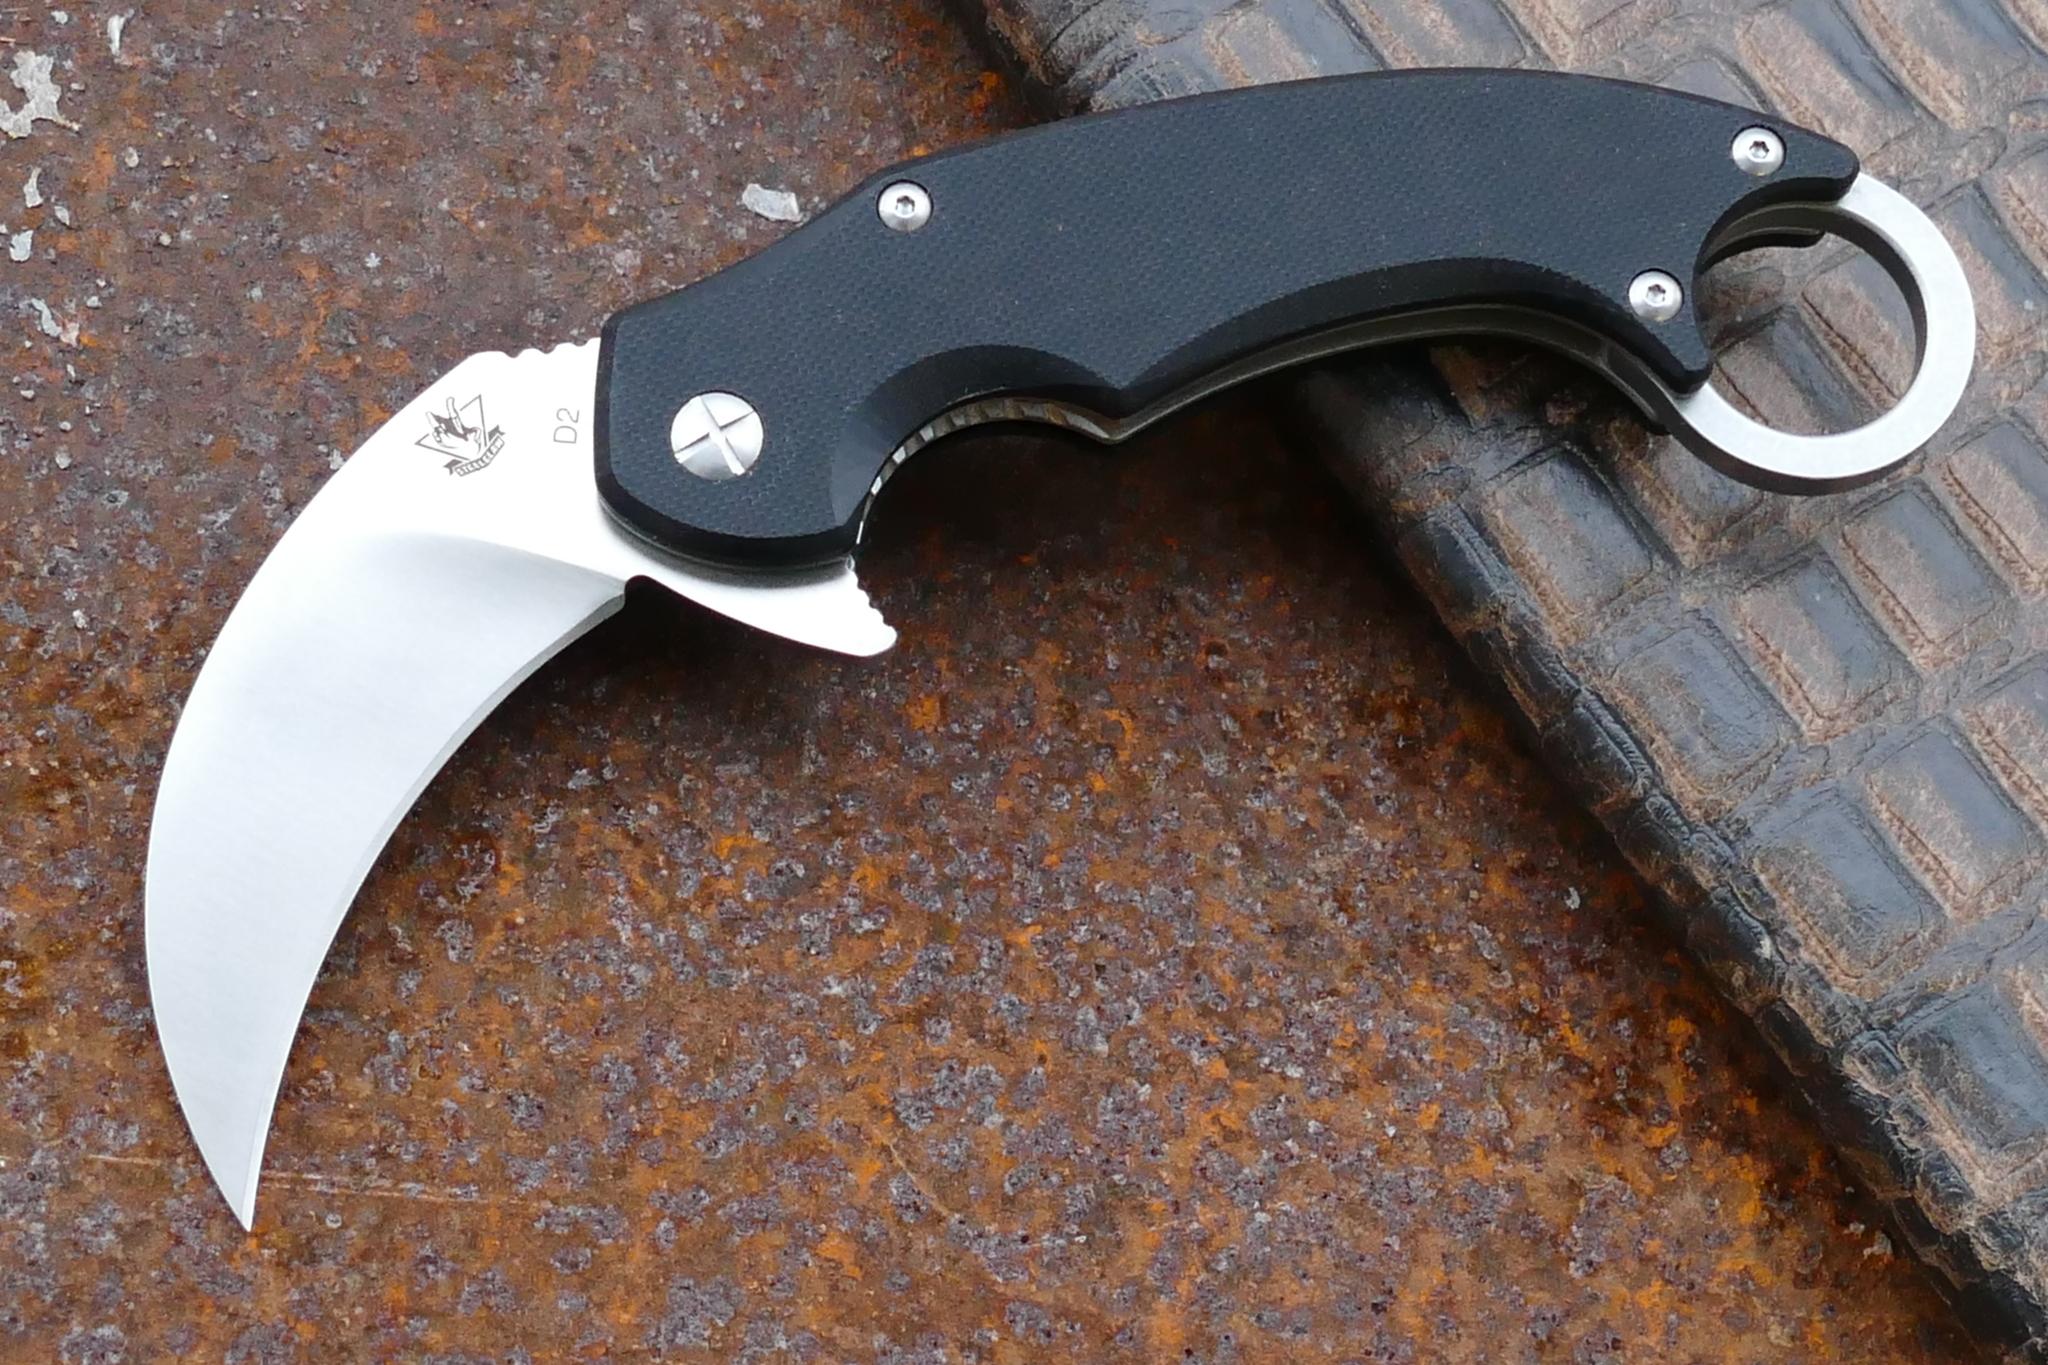 Складной нож керамбит КонгоРаскладные ножи<br>марка стали: D2 HRC59-61длина общая: 174ммдлина клинка: 63ммширина клинка наибольшая: 34ммтолщина обуха: 4ммвес: 149 гртип замка: liner lock полуавтомат<br>